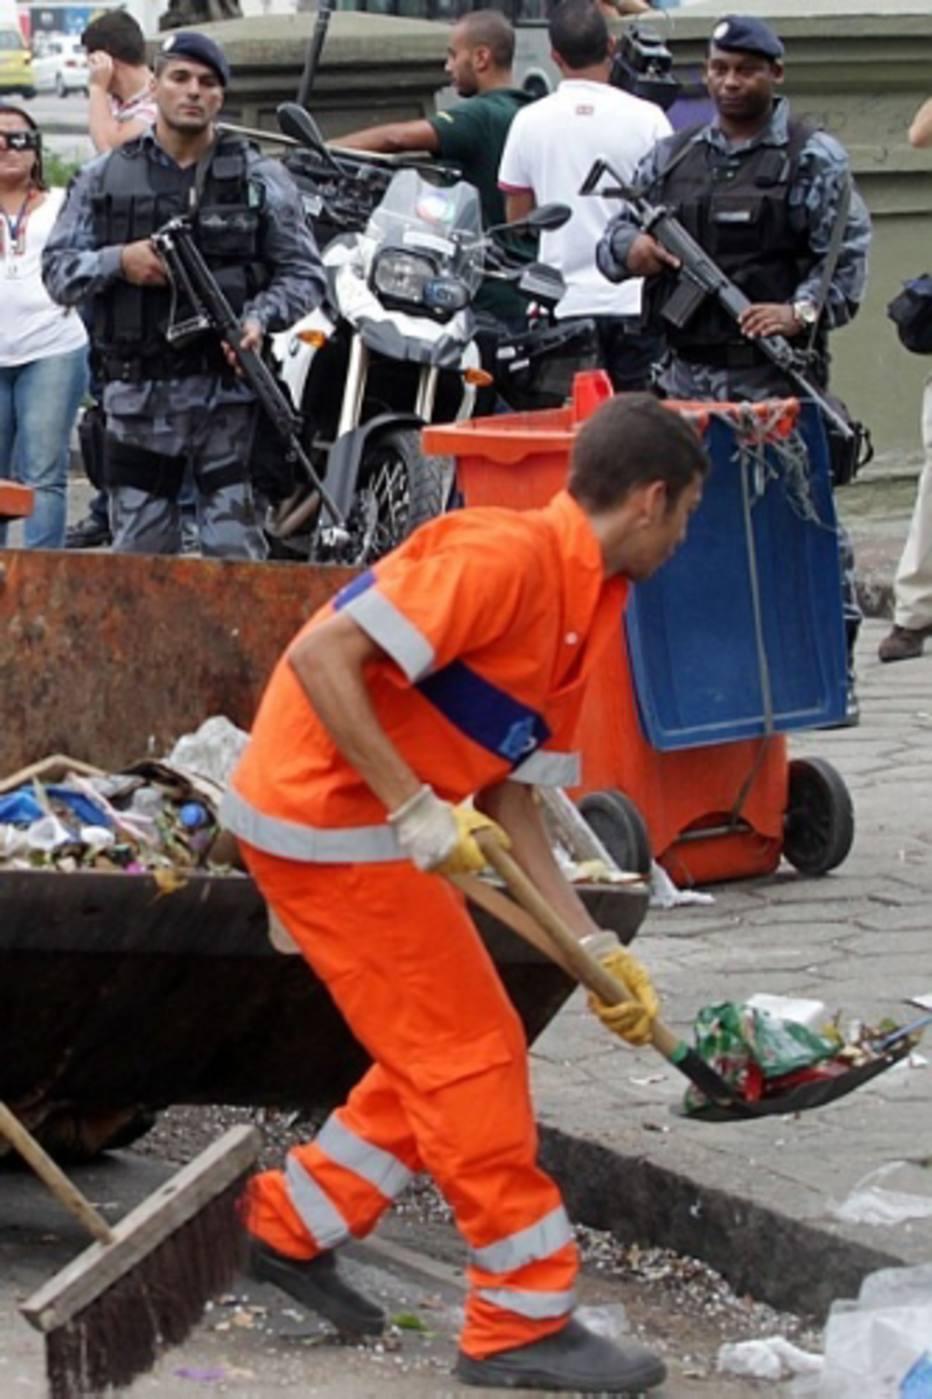 Nesta quinta-feira, 6, garis que não aderiram à greve deflagrada no último sábado, 1º, tiveram escolta armada no Rio de Janeiro para fazer a limpeza das ruas. Por volta das 10h, uma viatura do Batalhão de Choque, com quatro PMs fortemente armados, fazia a segurança de 20 garis que retiravam as montanhas de lixo acumuladas na Avenida Presidente Vargas, nas proximidades do Sambódromo, no centro.